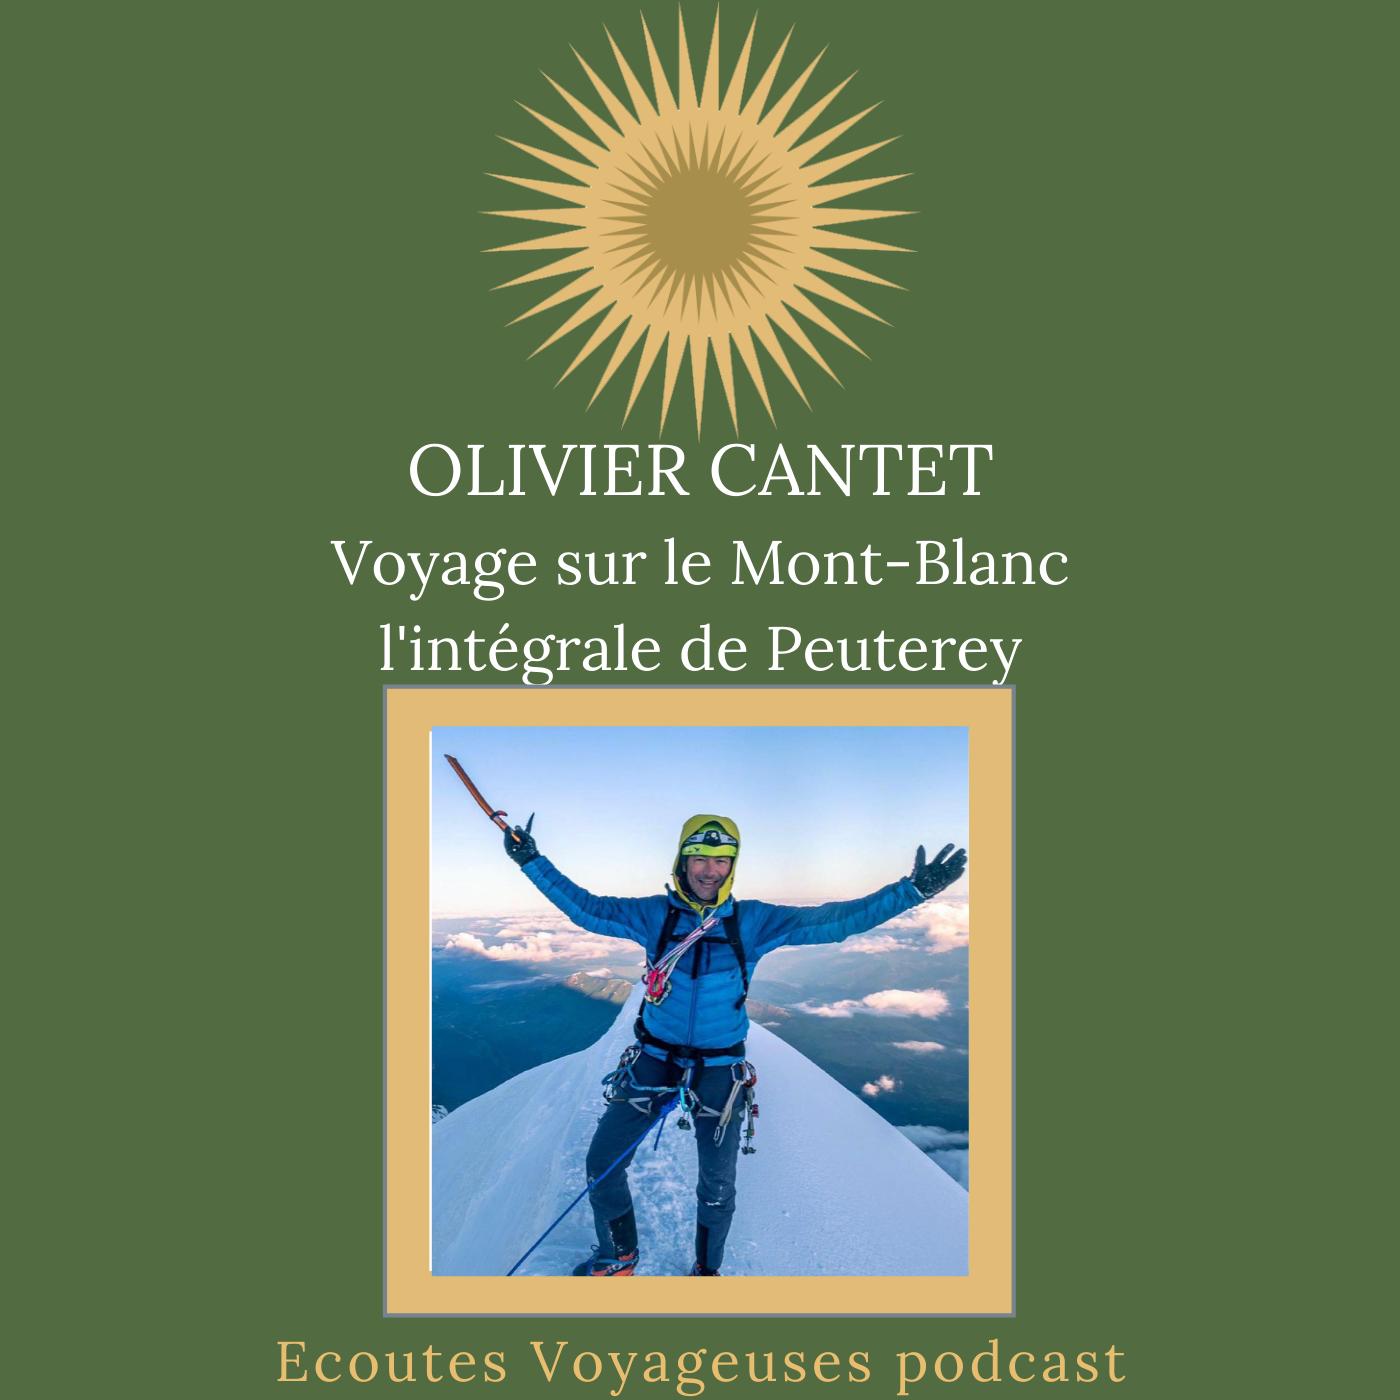 Olivier Cantet, Voyage sur le Mont-Blanc, l'intégrale de Peuterey